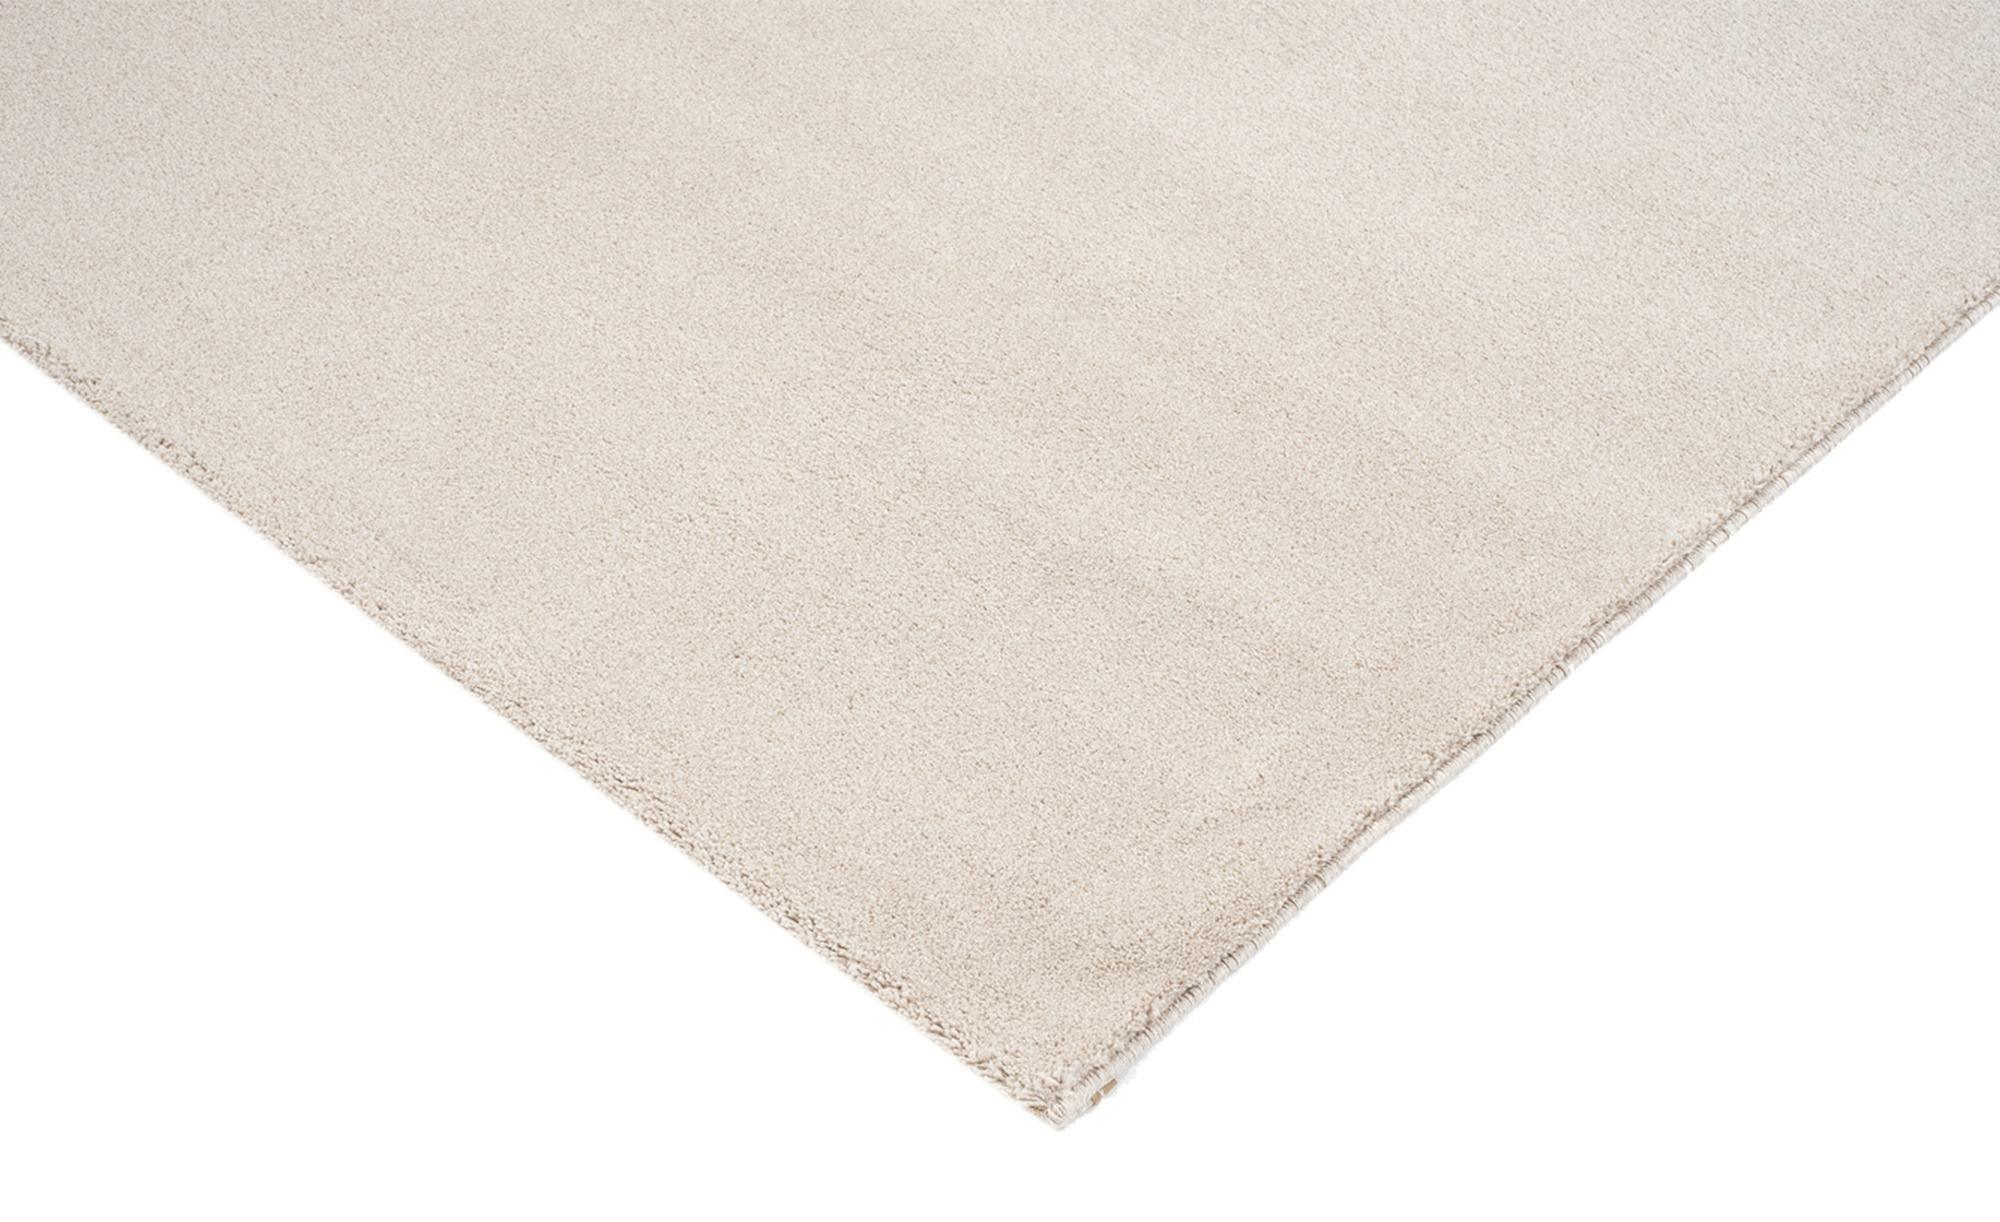 Webteppich  Louvre Melange ¦ beige ¦ 100% Polypropylen ¦ Maße (cm): B: 65 Teppiche > Wohnteppiche - Höffner